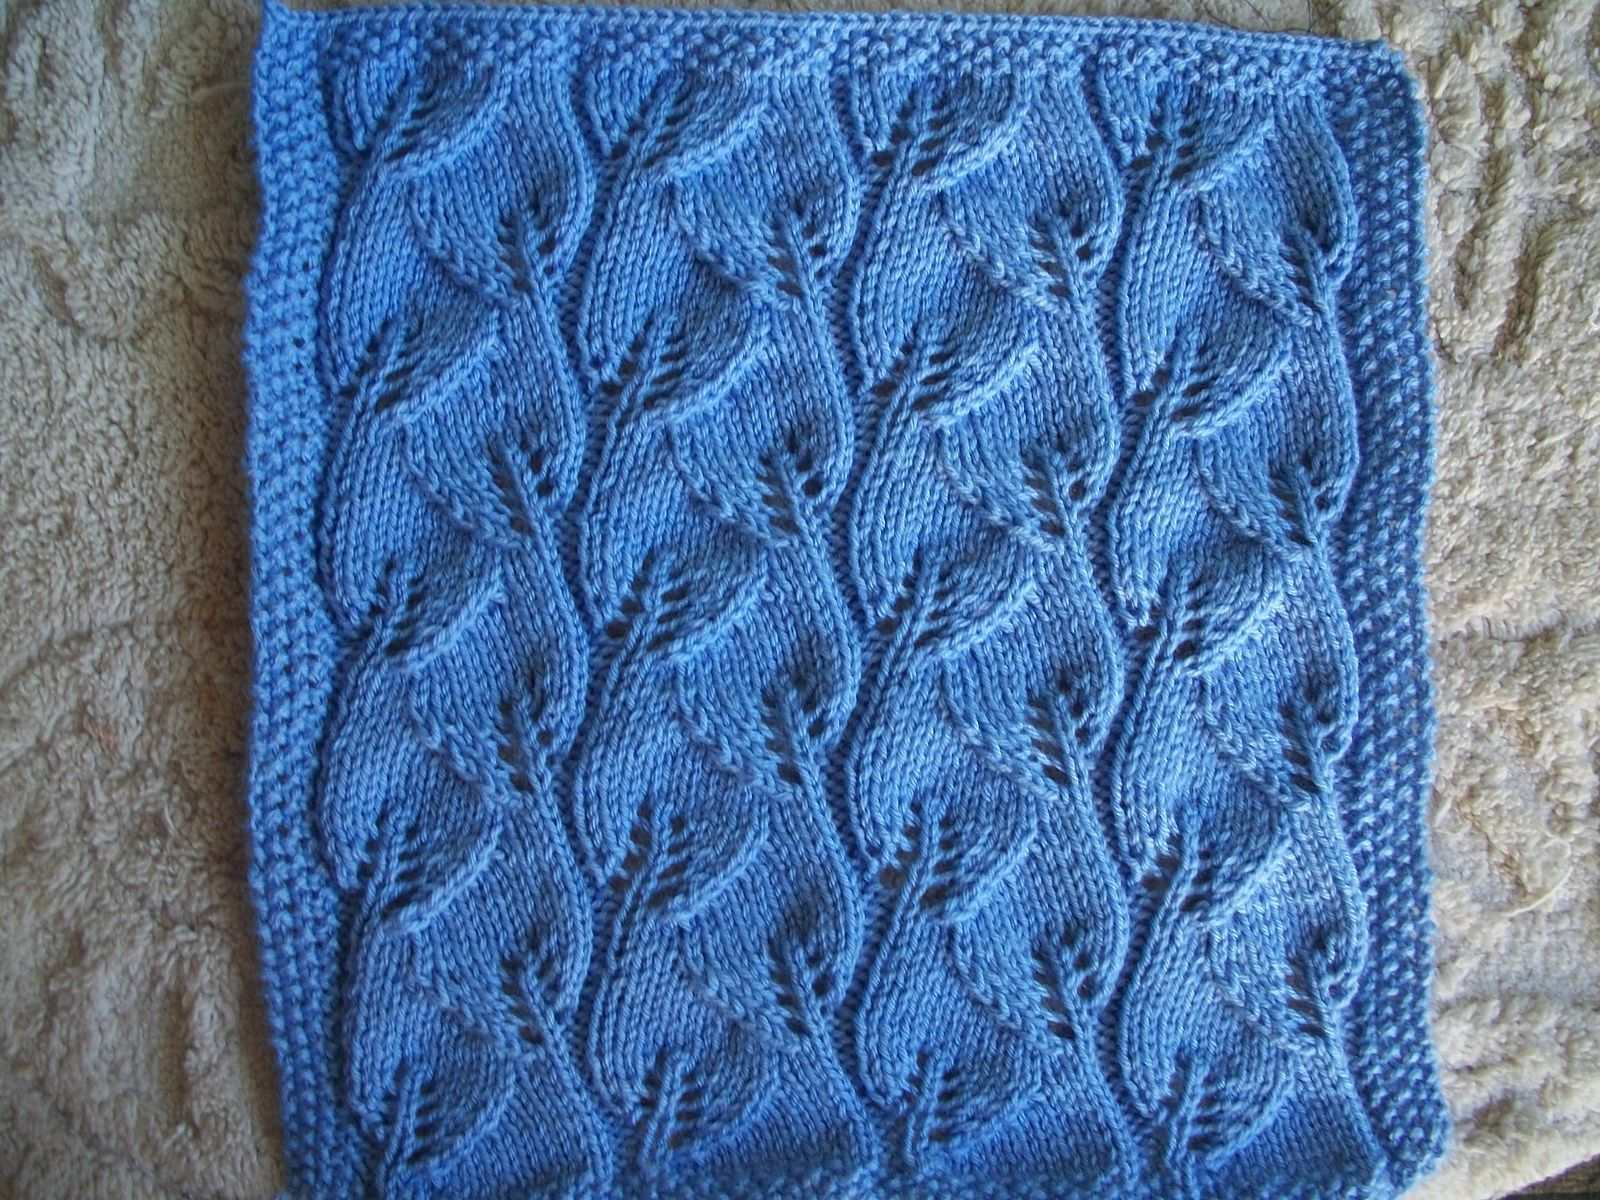 Ravelry: Leafy Baby Blanket by Leyla Alieva